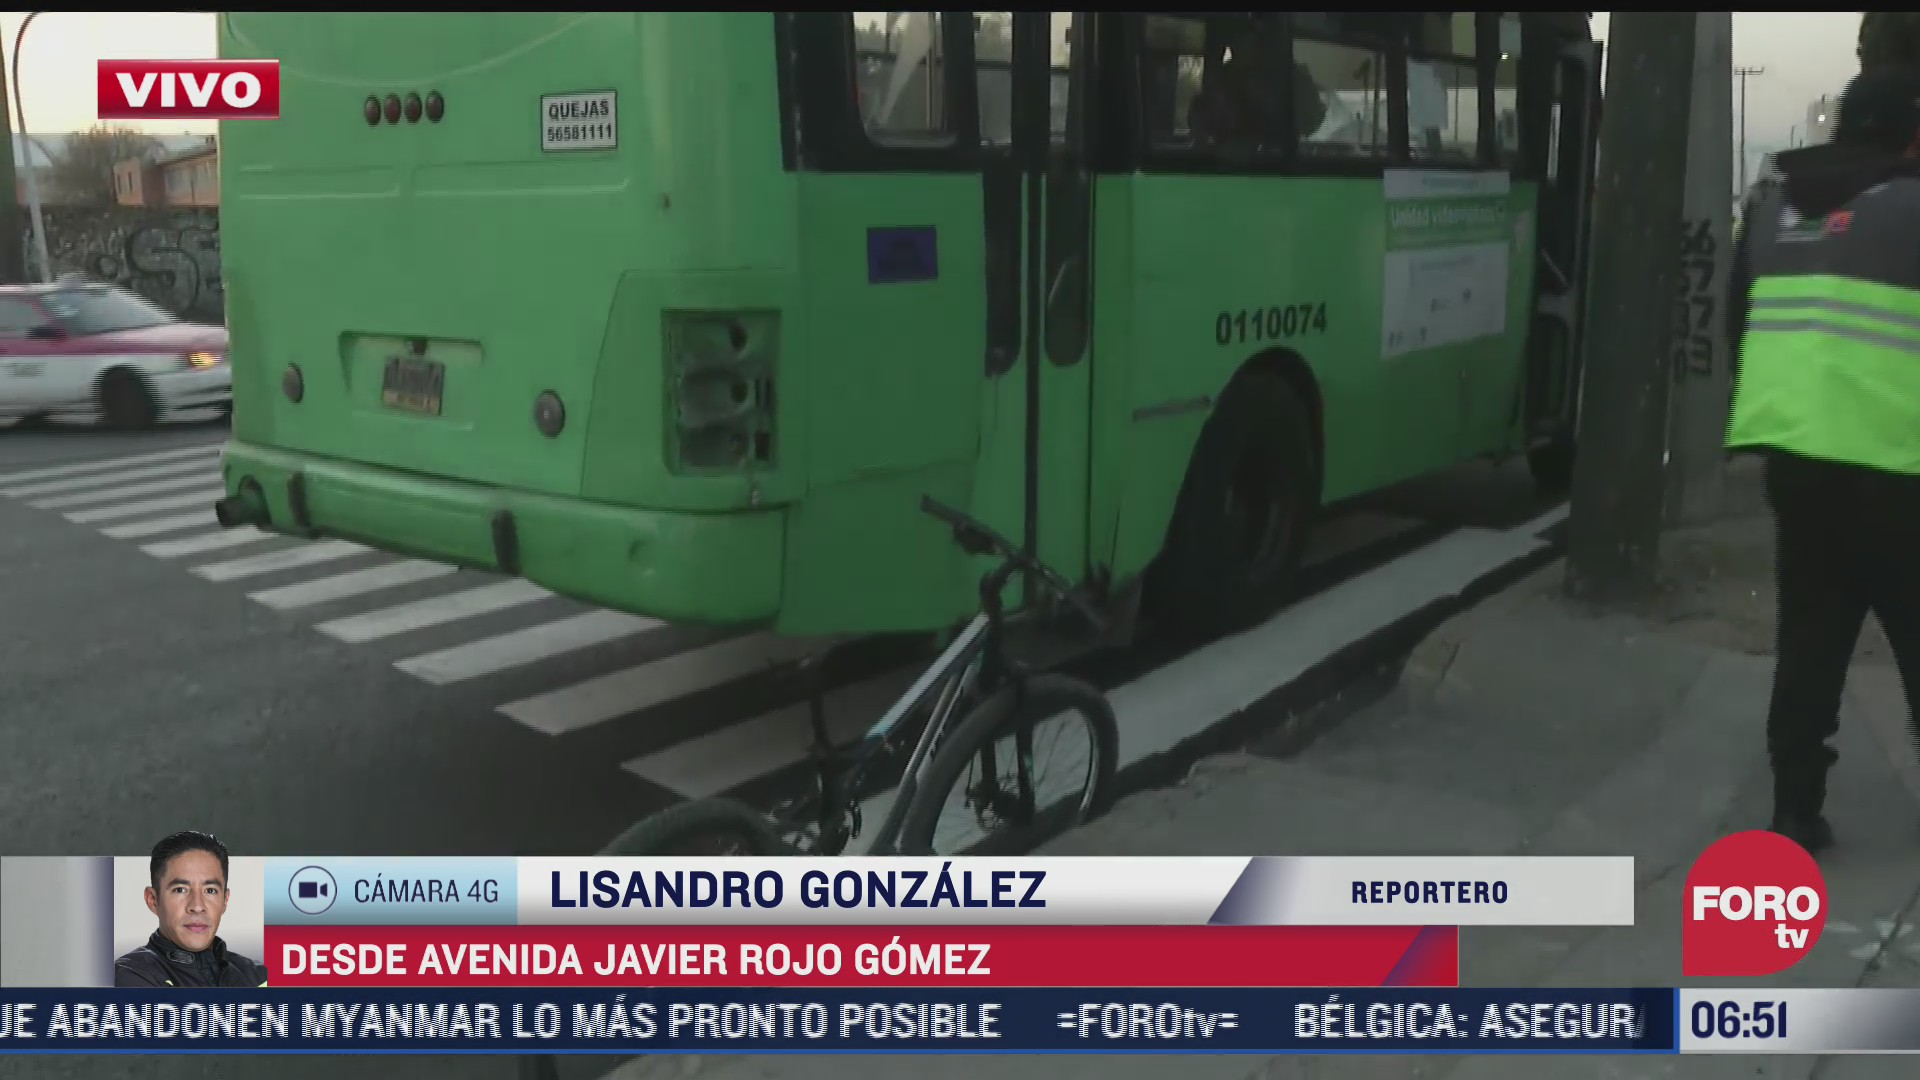 camion de transporte publico atropella a ciclista en avenida rojo gomez cdmx